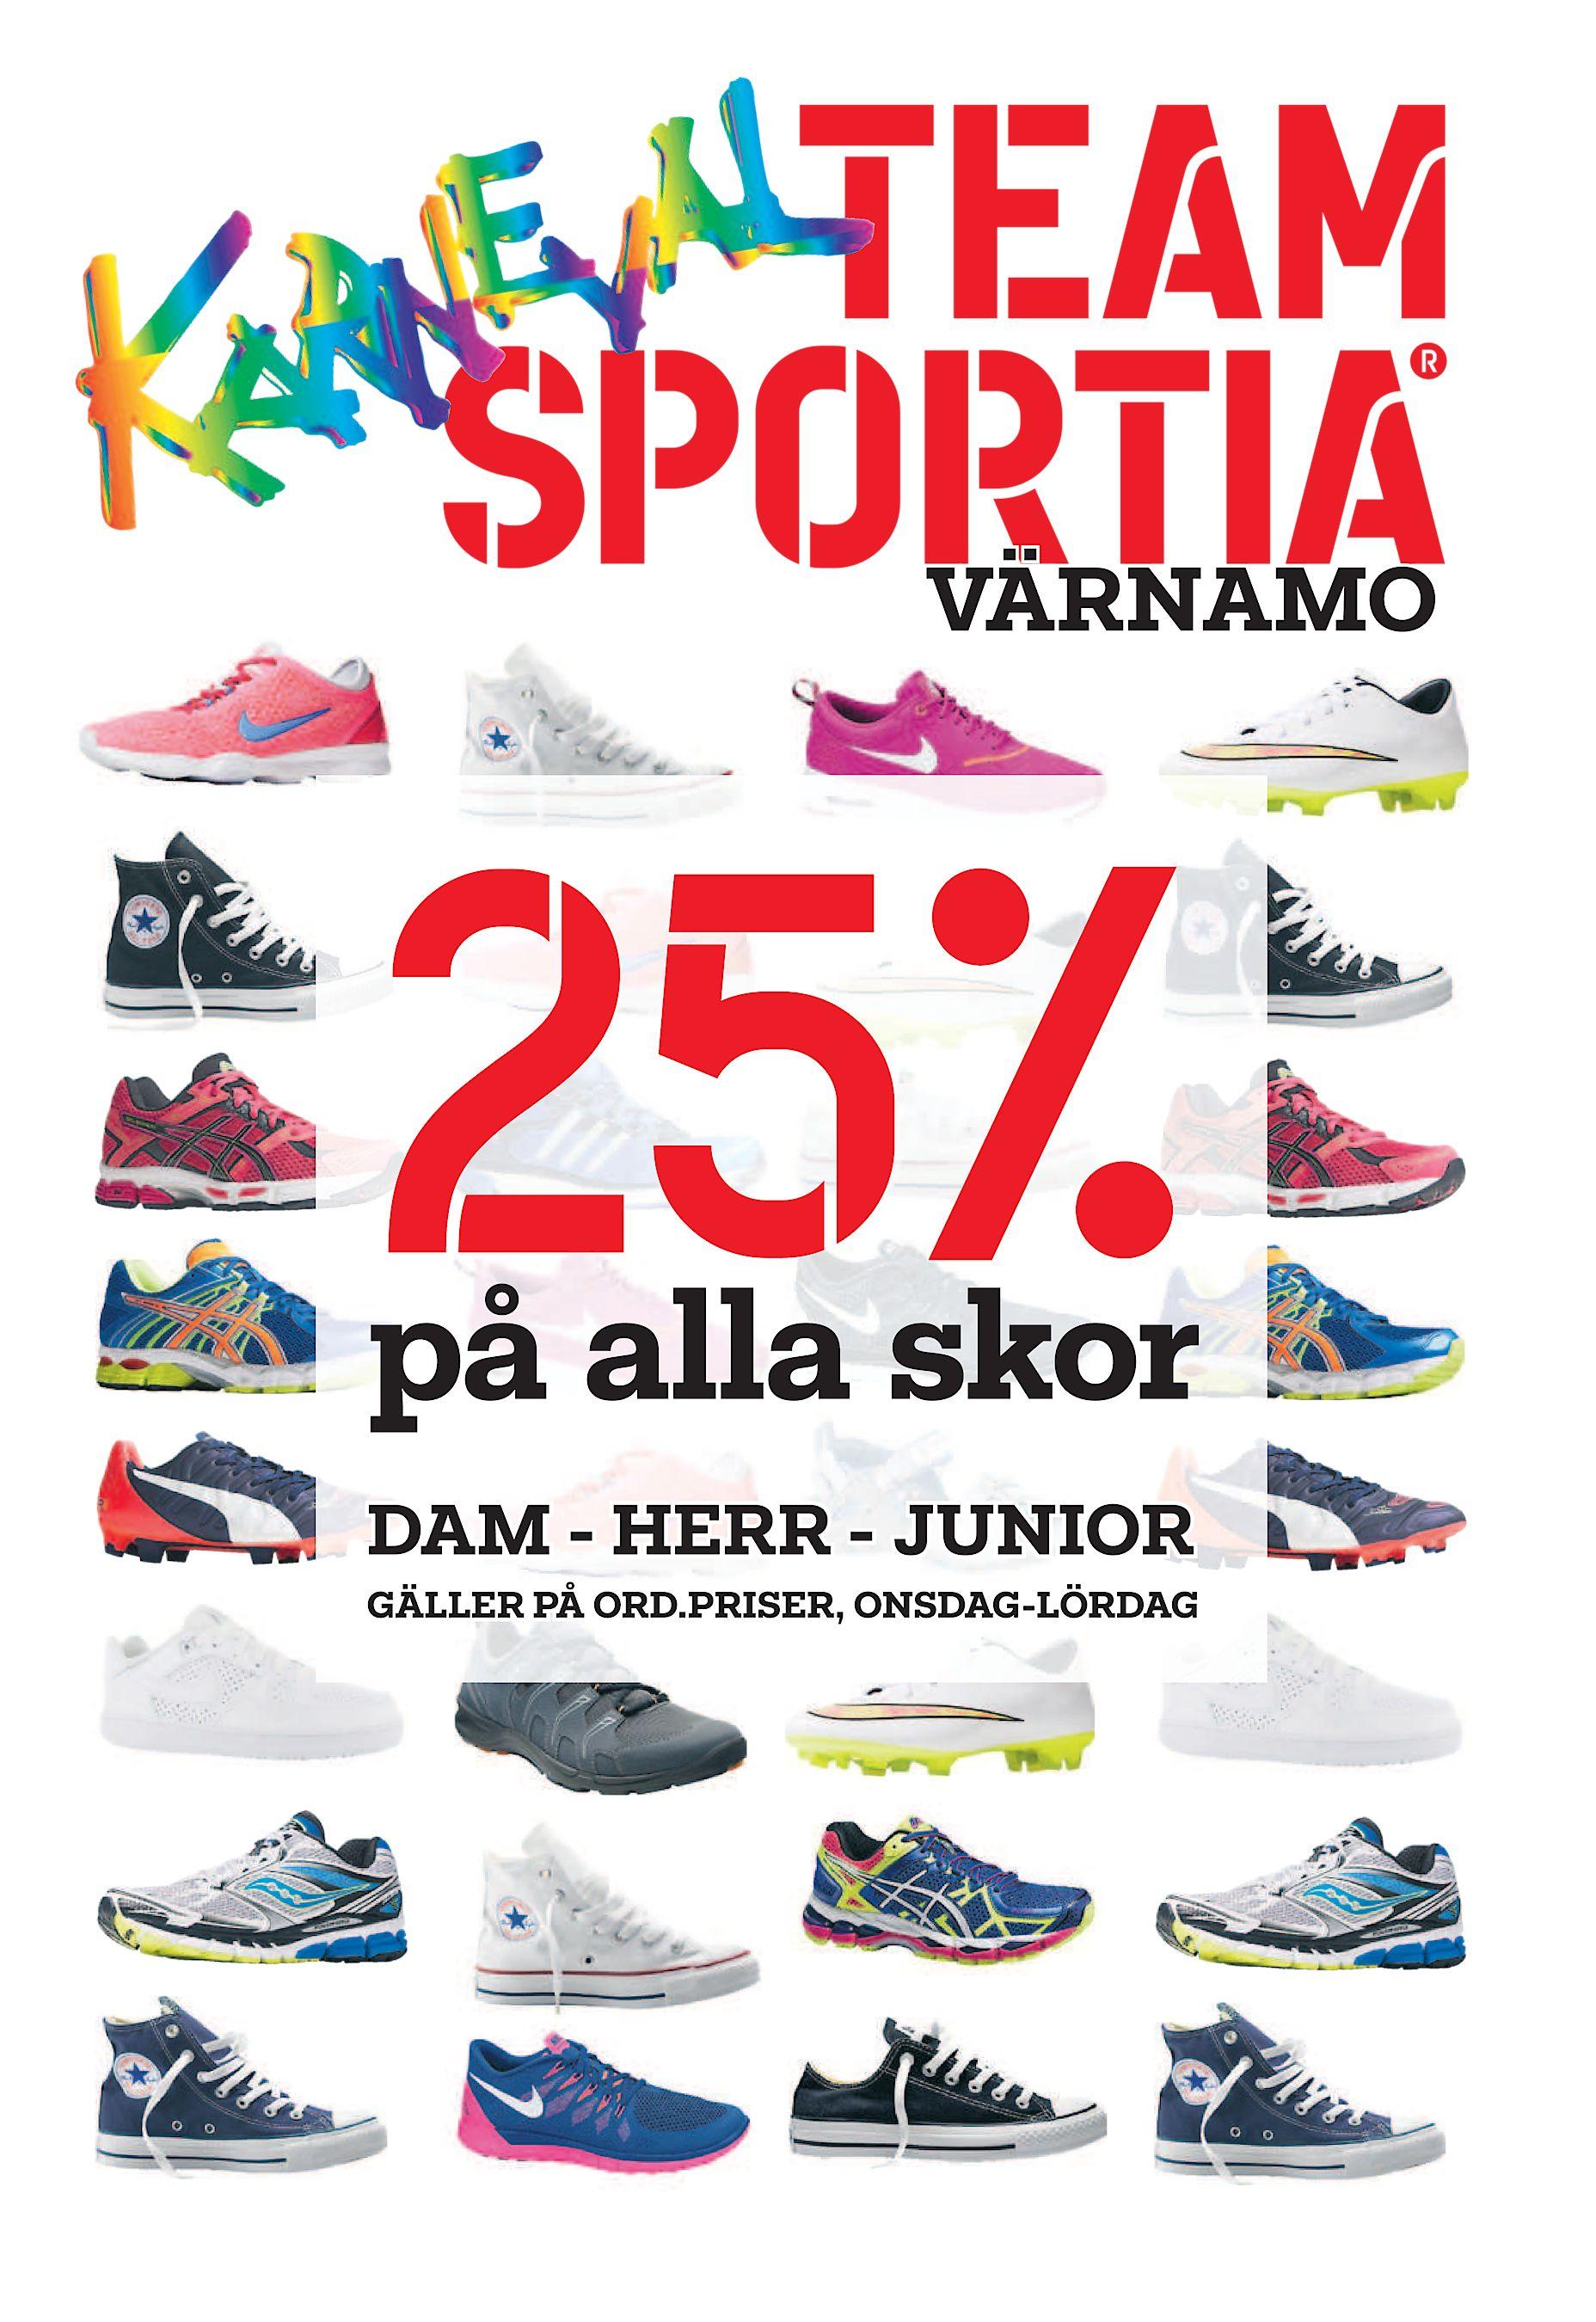 the latest b4f9f cb26b VÄRNAMO 25% på alla skor DAM - HERR - JUNIOR GÄLLER PÅ ORD.PRISER,  ONSDAG-LÖRDAG